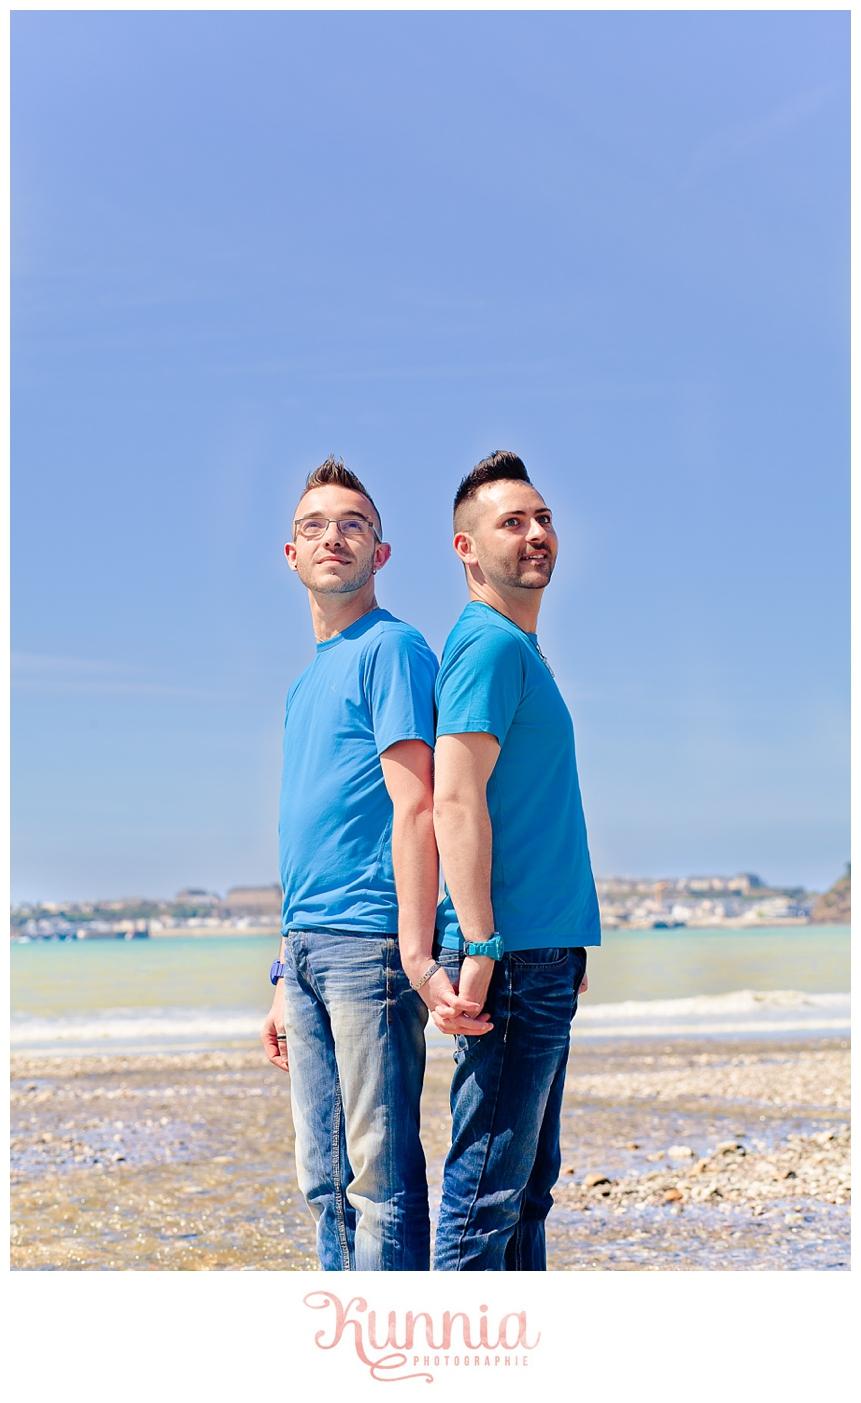 Séance couple homosexuel Granville Normandie Caen Cabourg